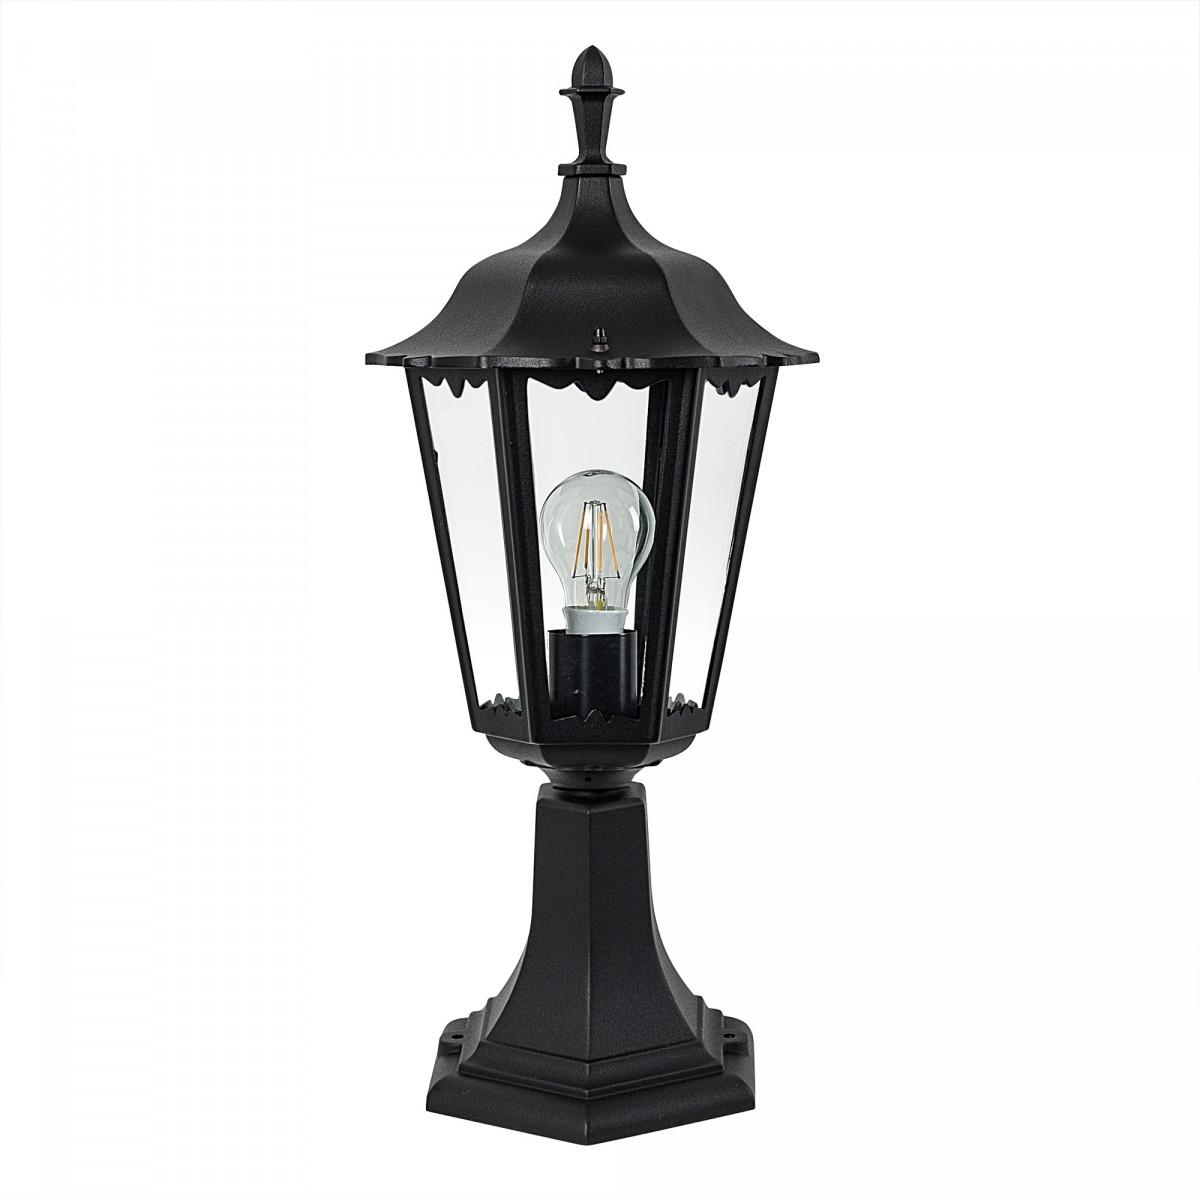 Ancona sokkel tuinlamp (5129) - KS Verlichting - Semi Klassiek Landelijk